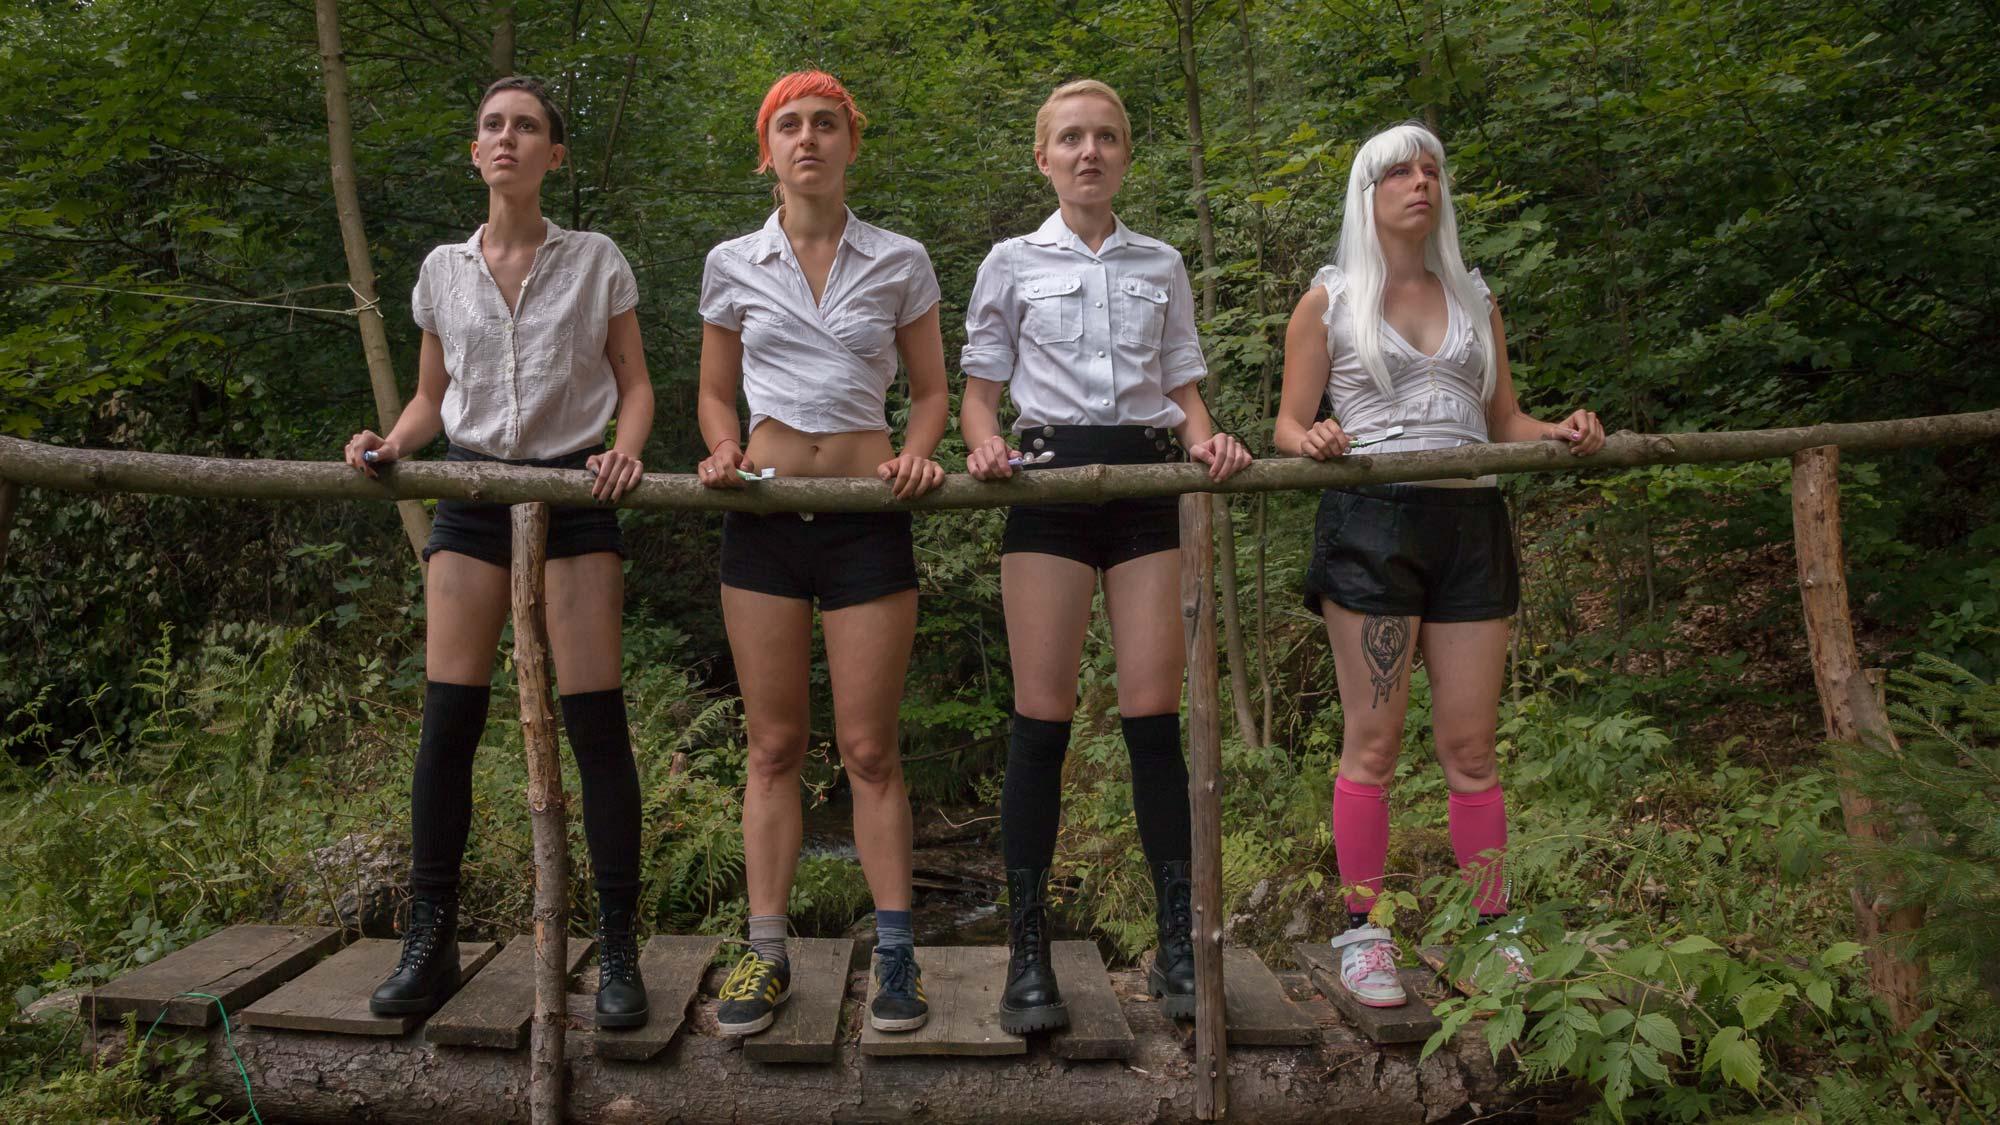 filmstill sadgirls credit sad girls 1 - <b>Панацея від насильства:</b> як етичне порно змінює світ фільмів для дорослих - Заборона